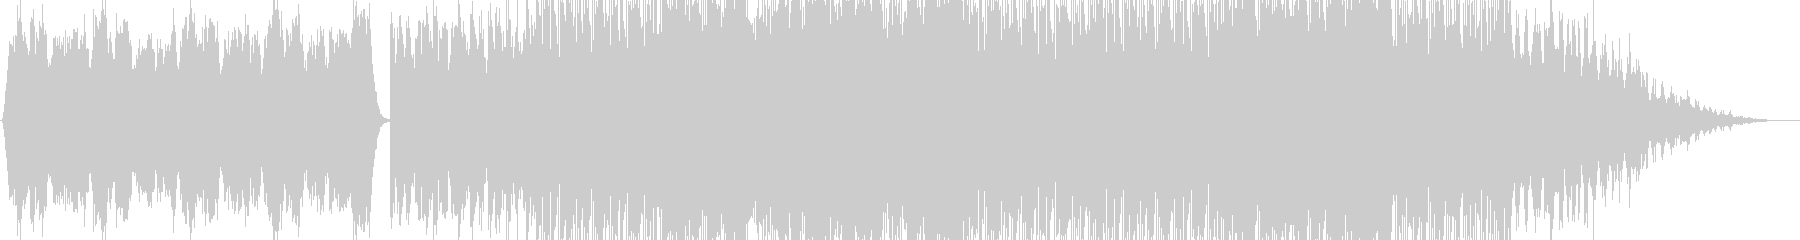 樹海をイメージしたストリングスBGMの未再生の波形